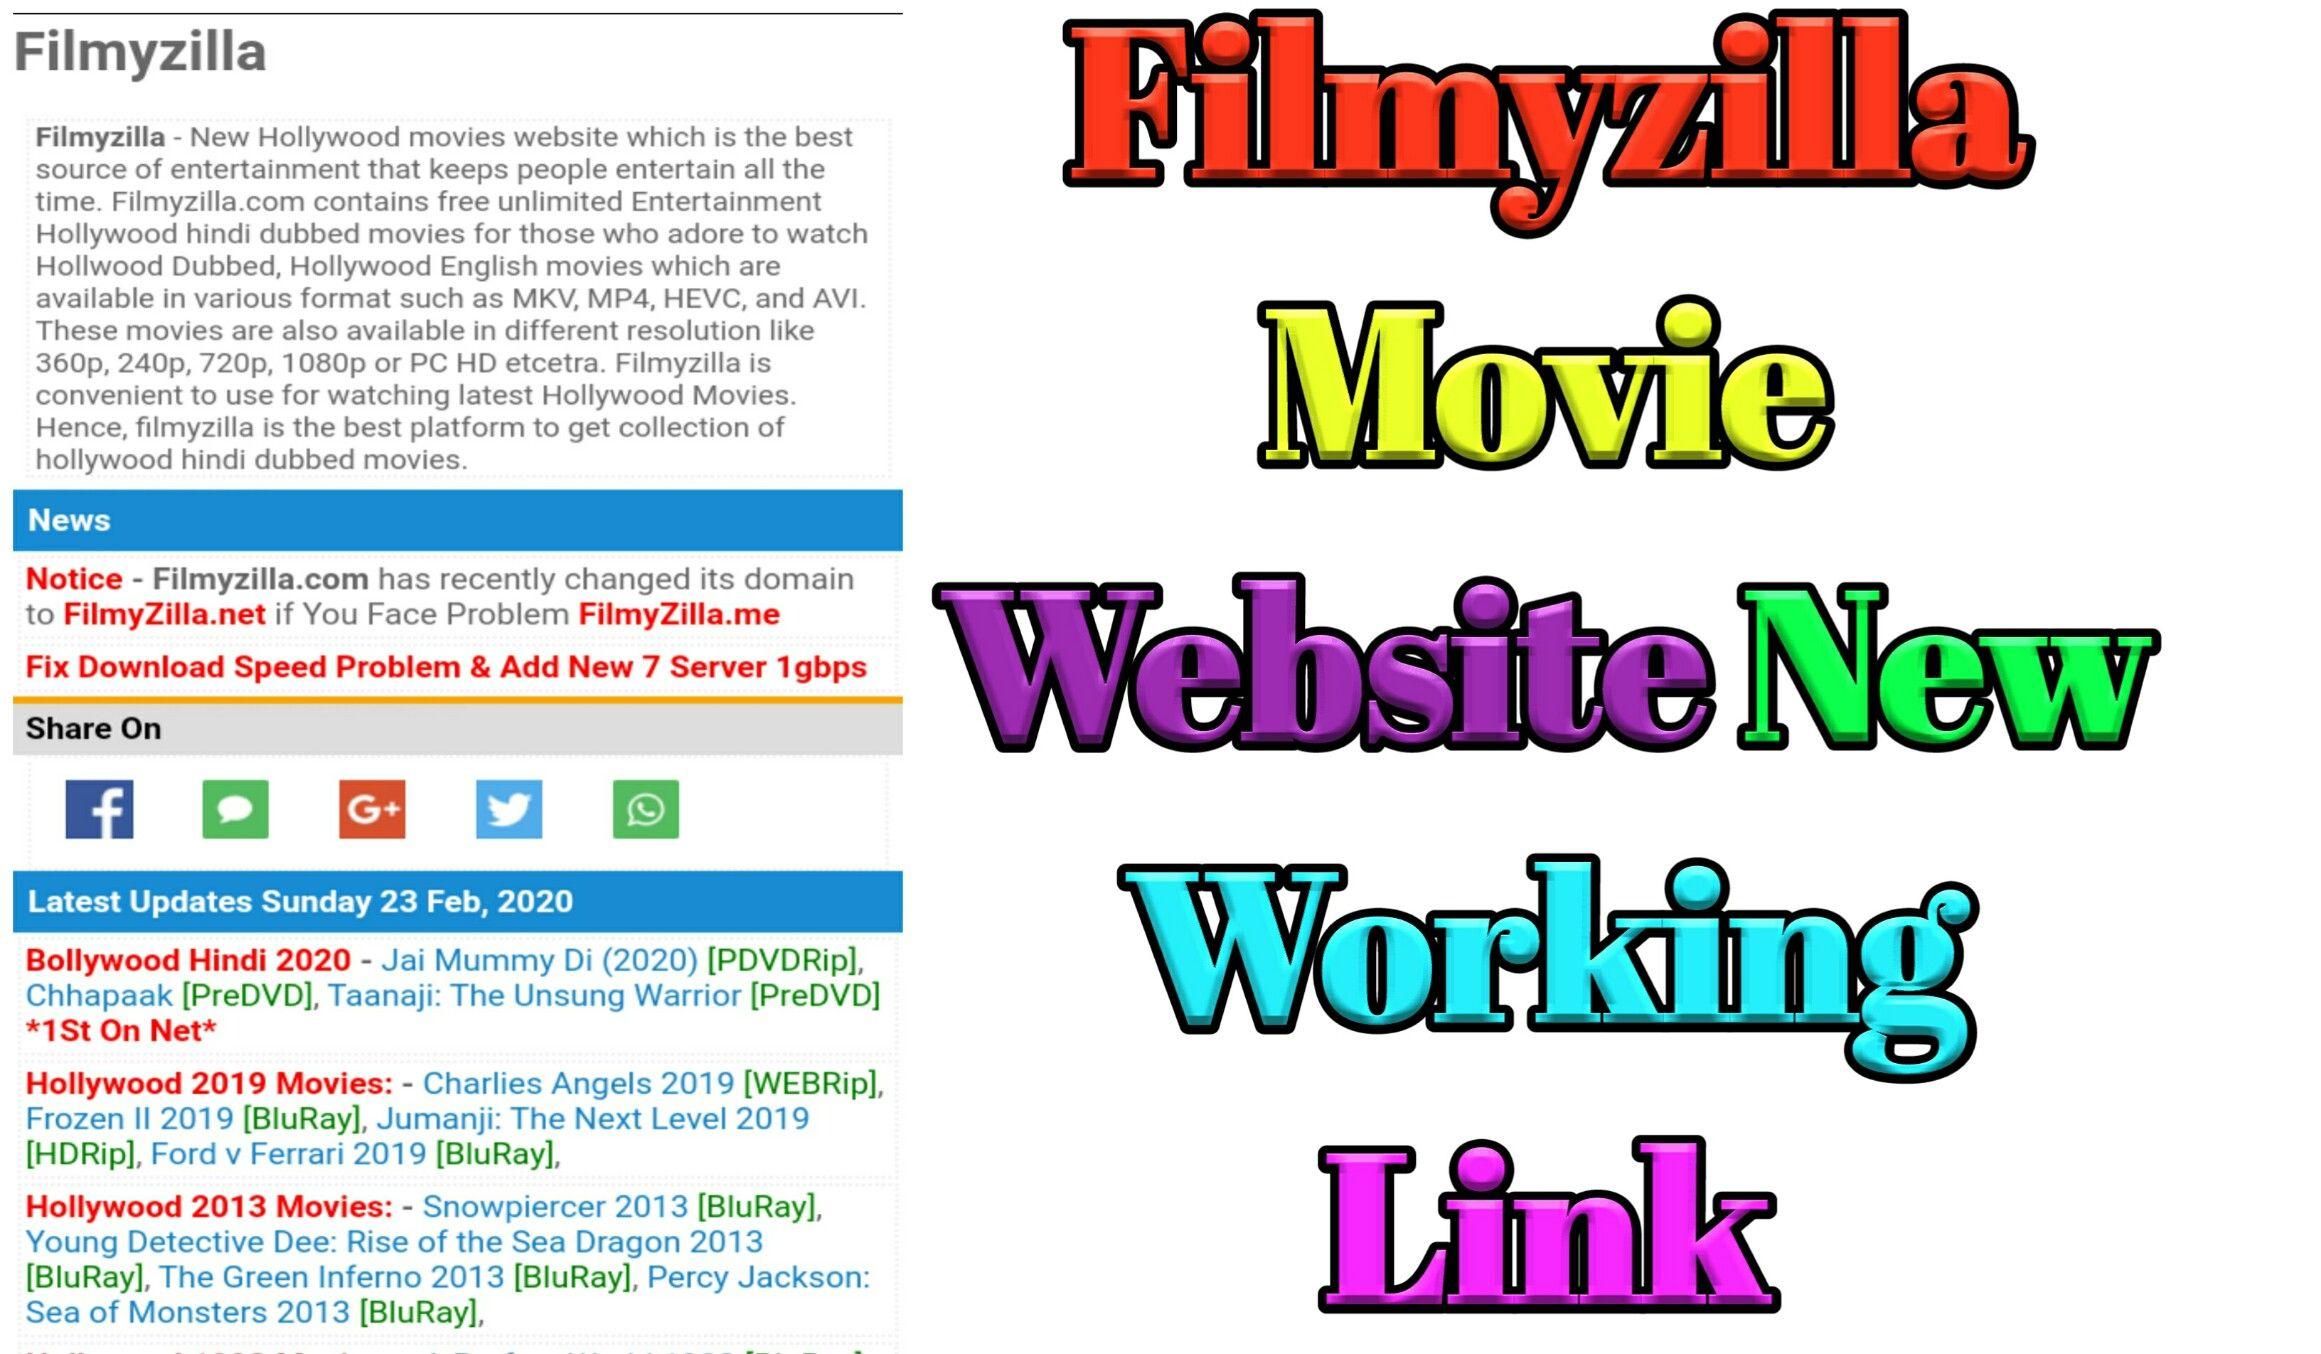 Filmyzilla 2020 download latest bollywood hollywood